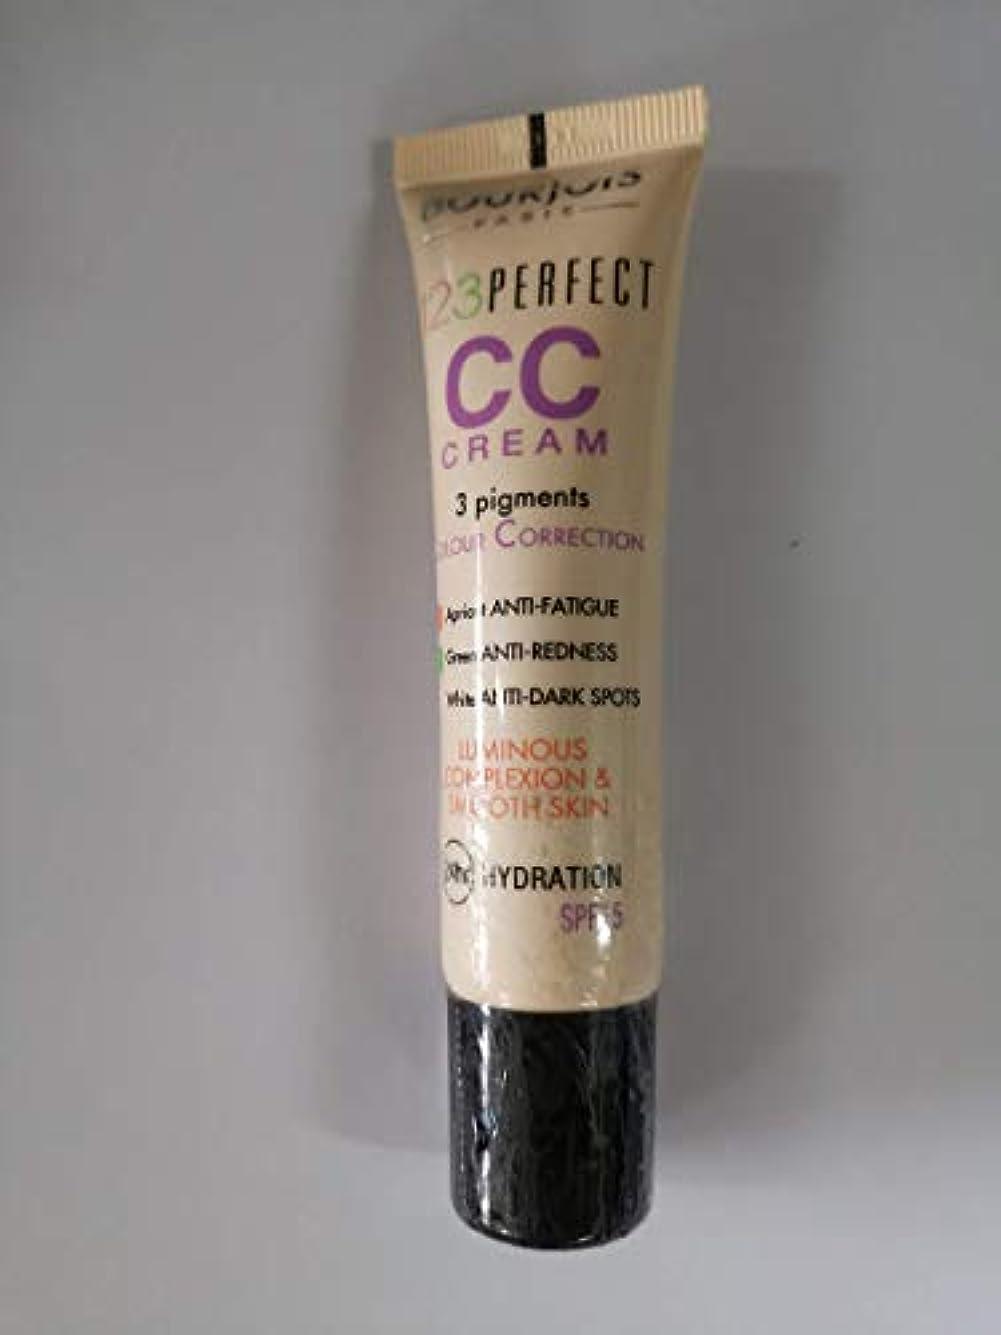 赤面貢献するサスペンドBOURJOIS 32クレア1PC CCクリームクリームクリーム表皮効果: - 24時間の水和